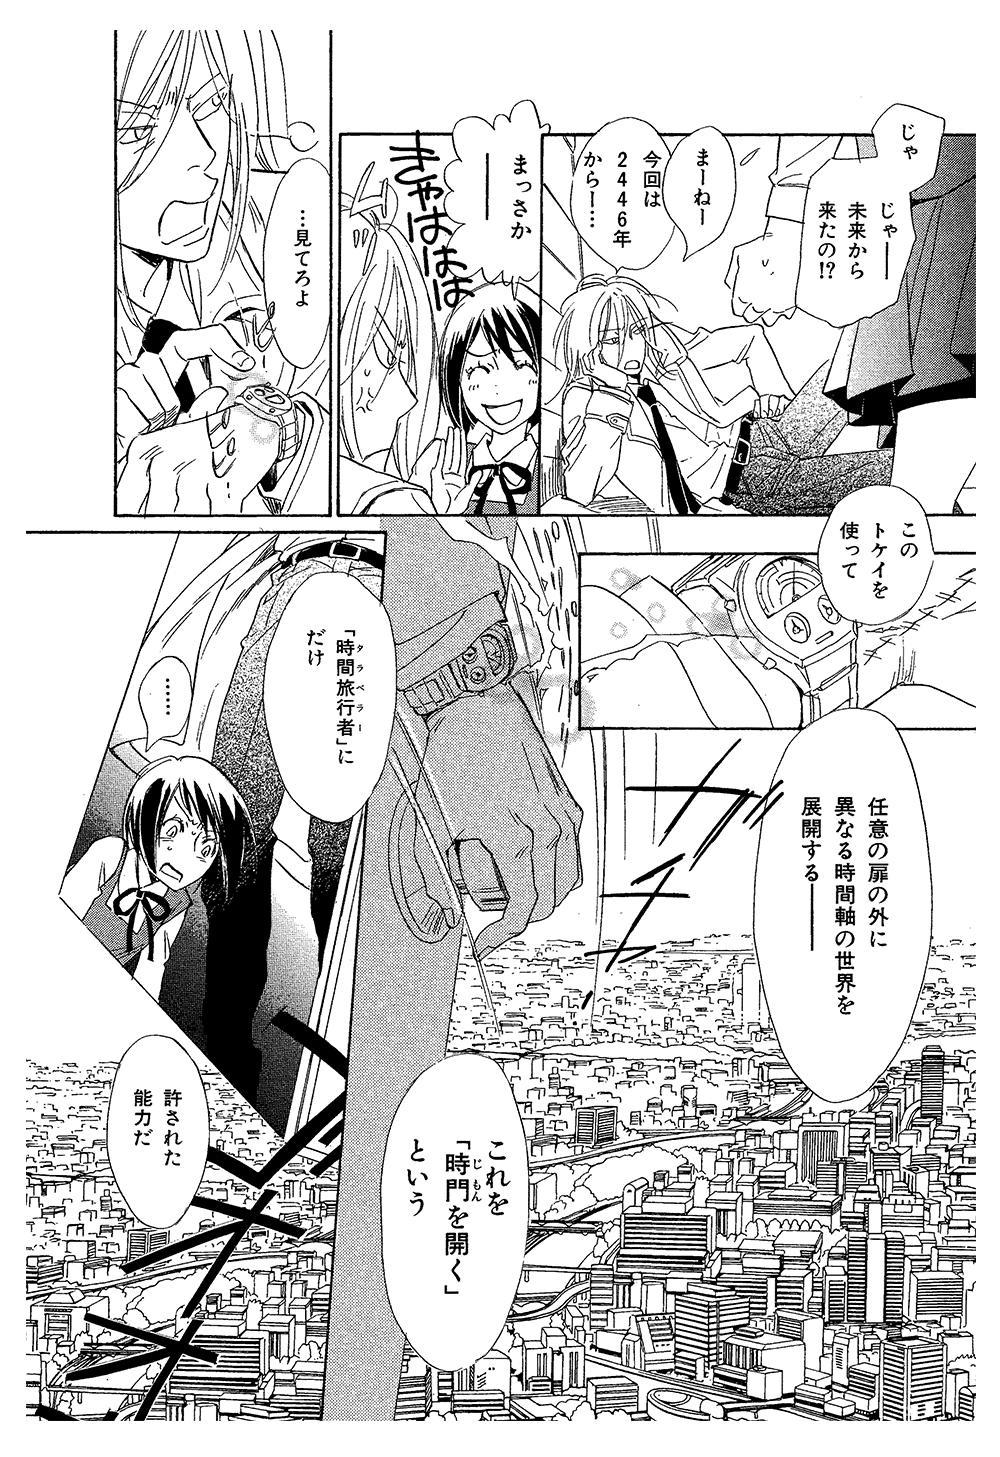 時間の歩き方 第1話 ①jikan01-14.jpg